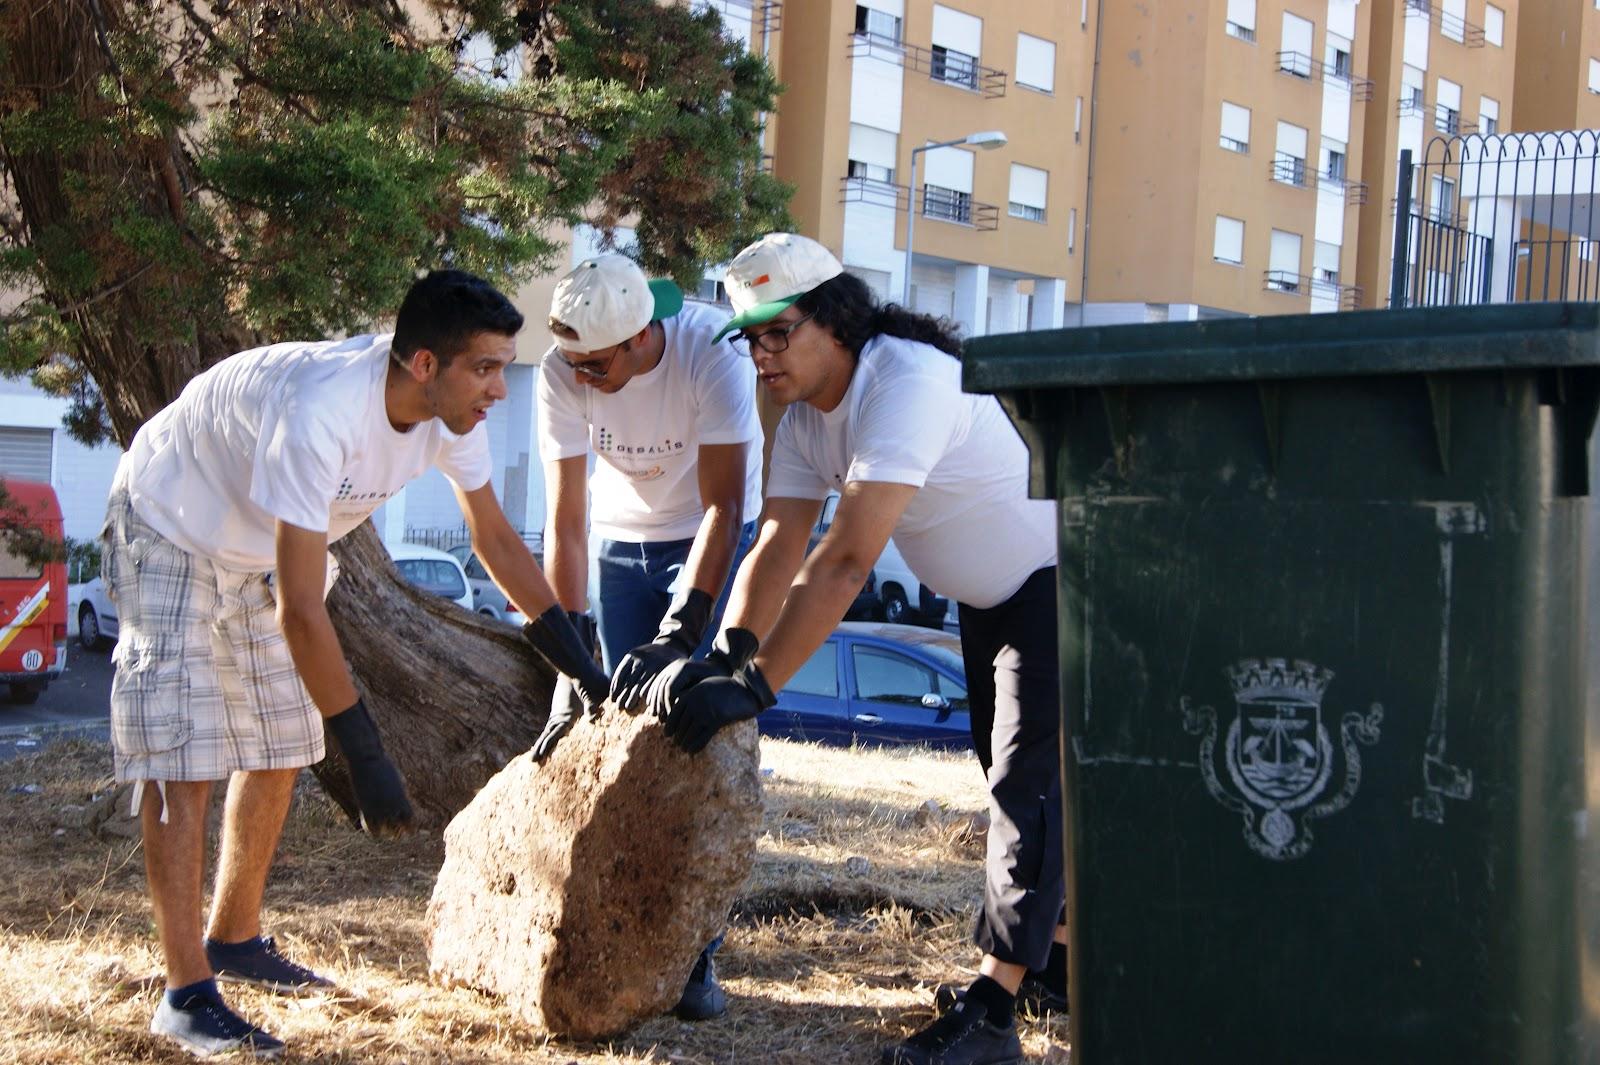 Limpeza Comunitária no Bairro da Boavista - Parabéns! 73e87198f8a29